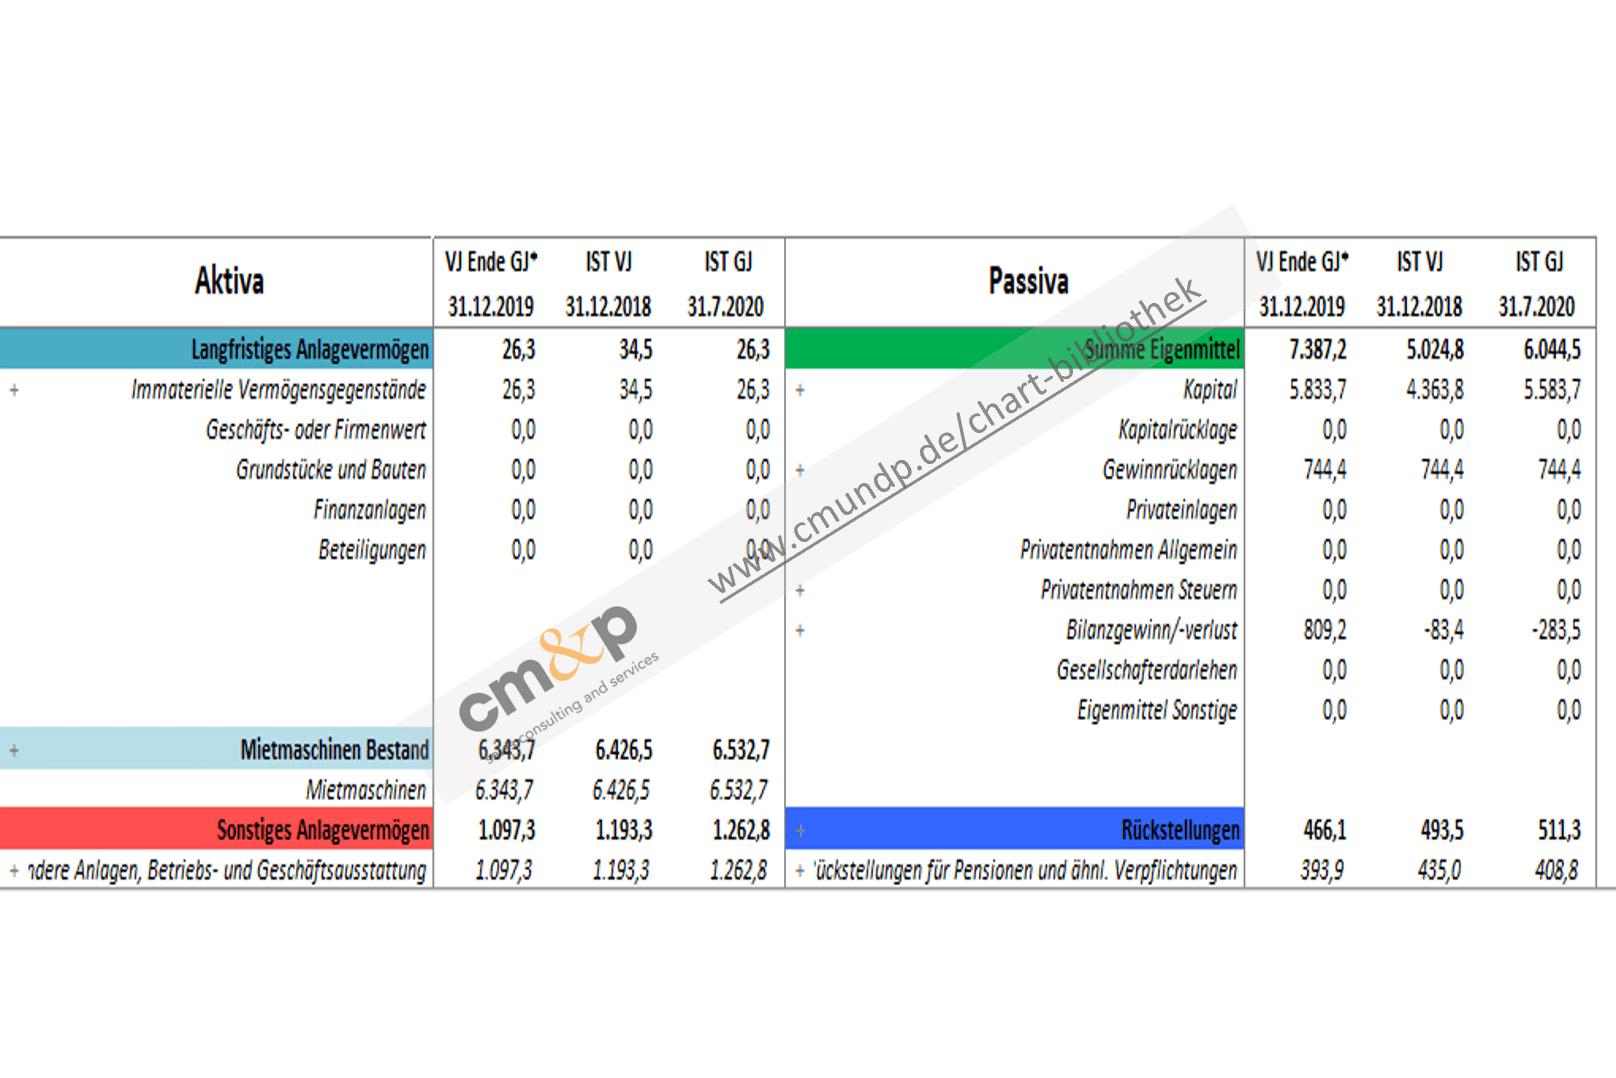 Darstellung der Bilanzwerte von Aktiva und Passiva in TEUR als Vorjahres- und Istwerte, sowie zum Geschäftsjahresende des Vorjahres